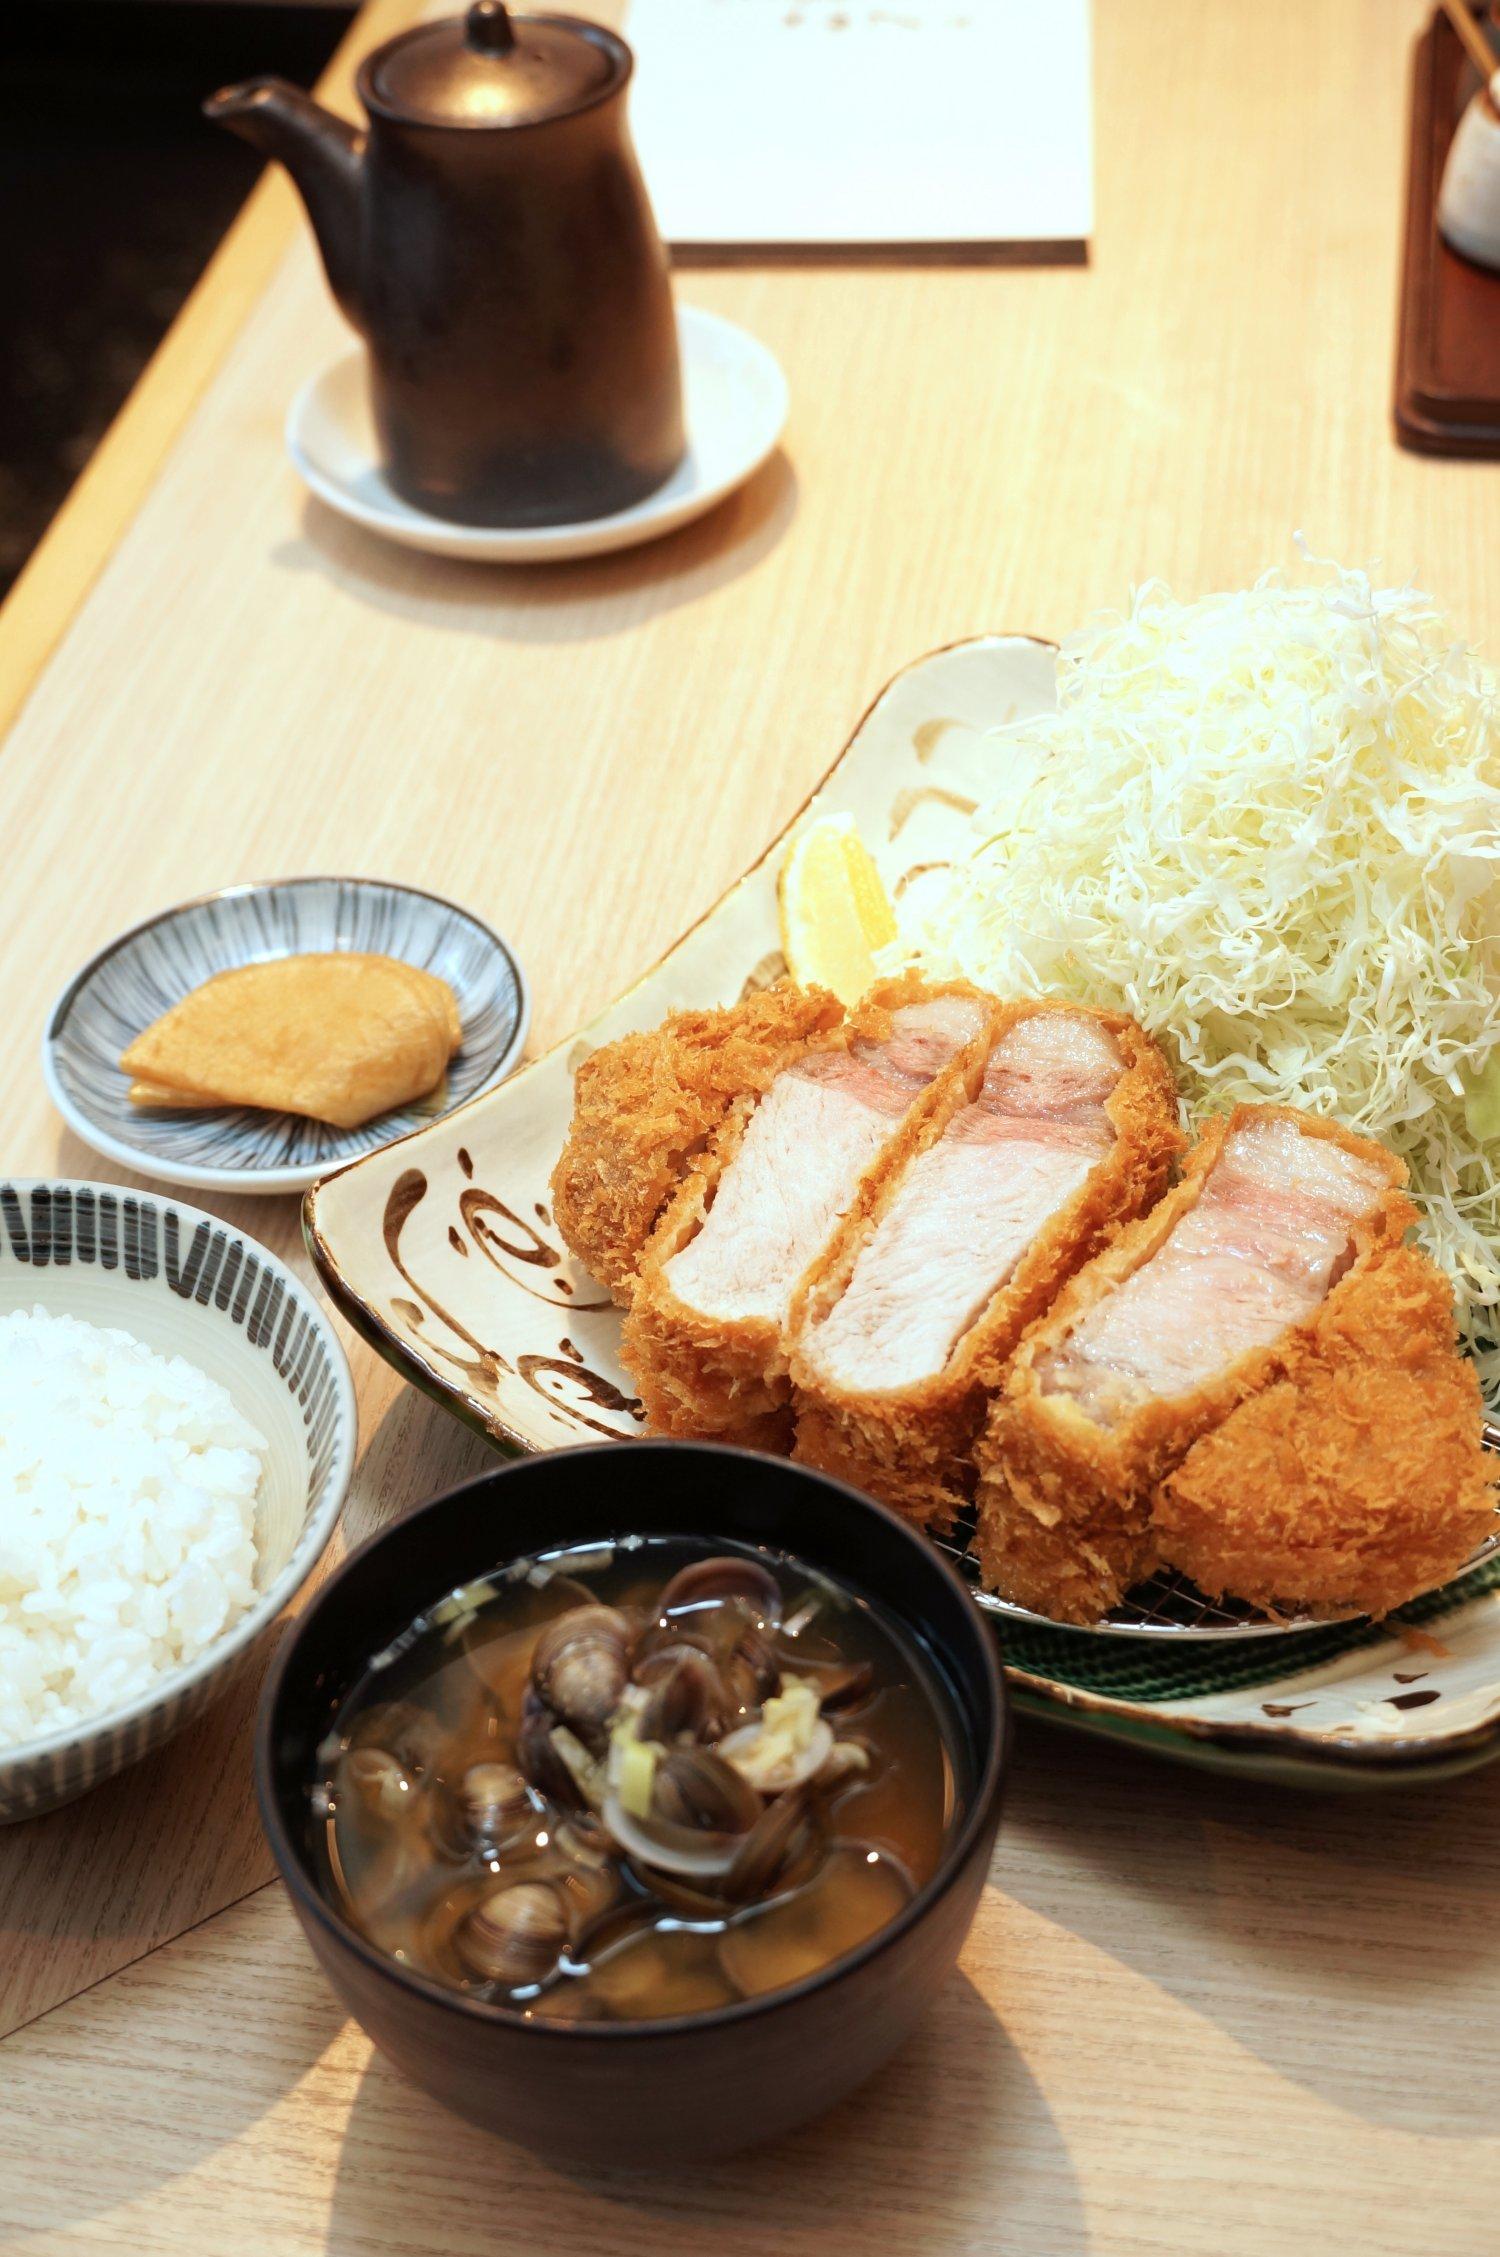 極厚切りロースとんかつ(300g)2310円と定食セット330円。定食セットには、ごはんとしじみの味噌汁、香の物が付く。